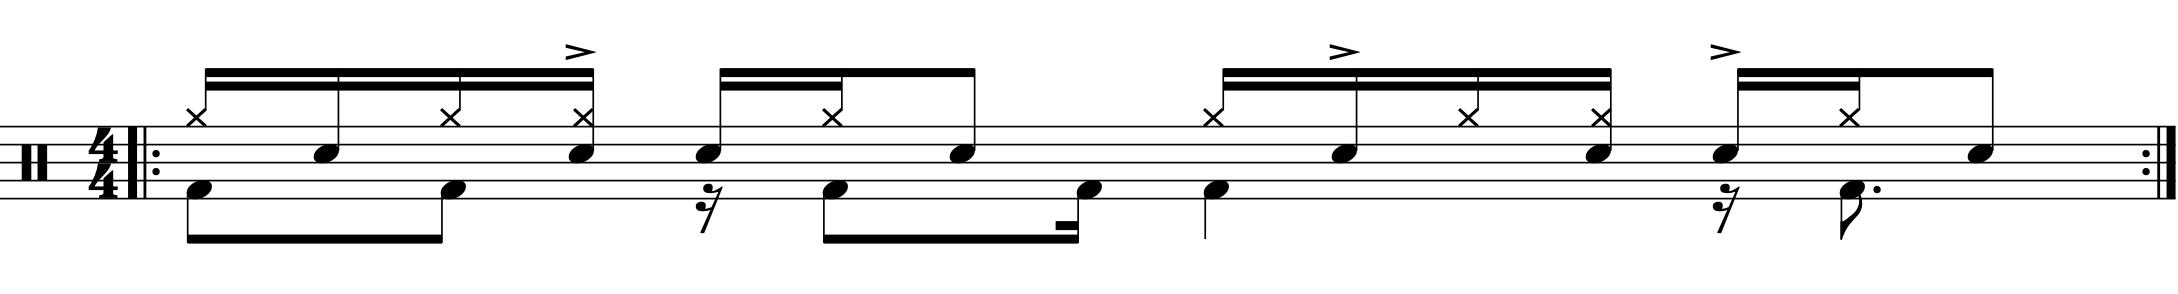 Implied Paradiddle rhythm